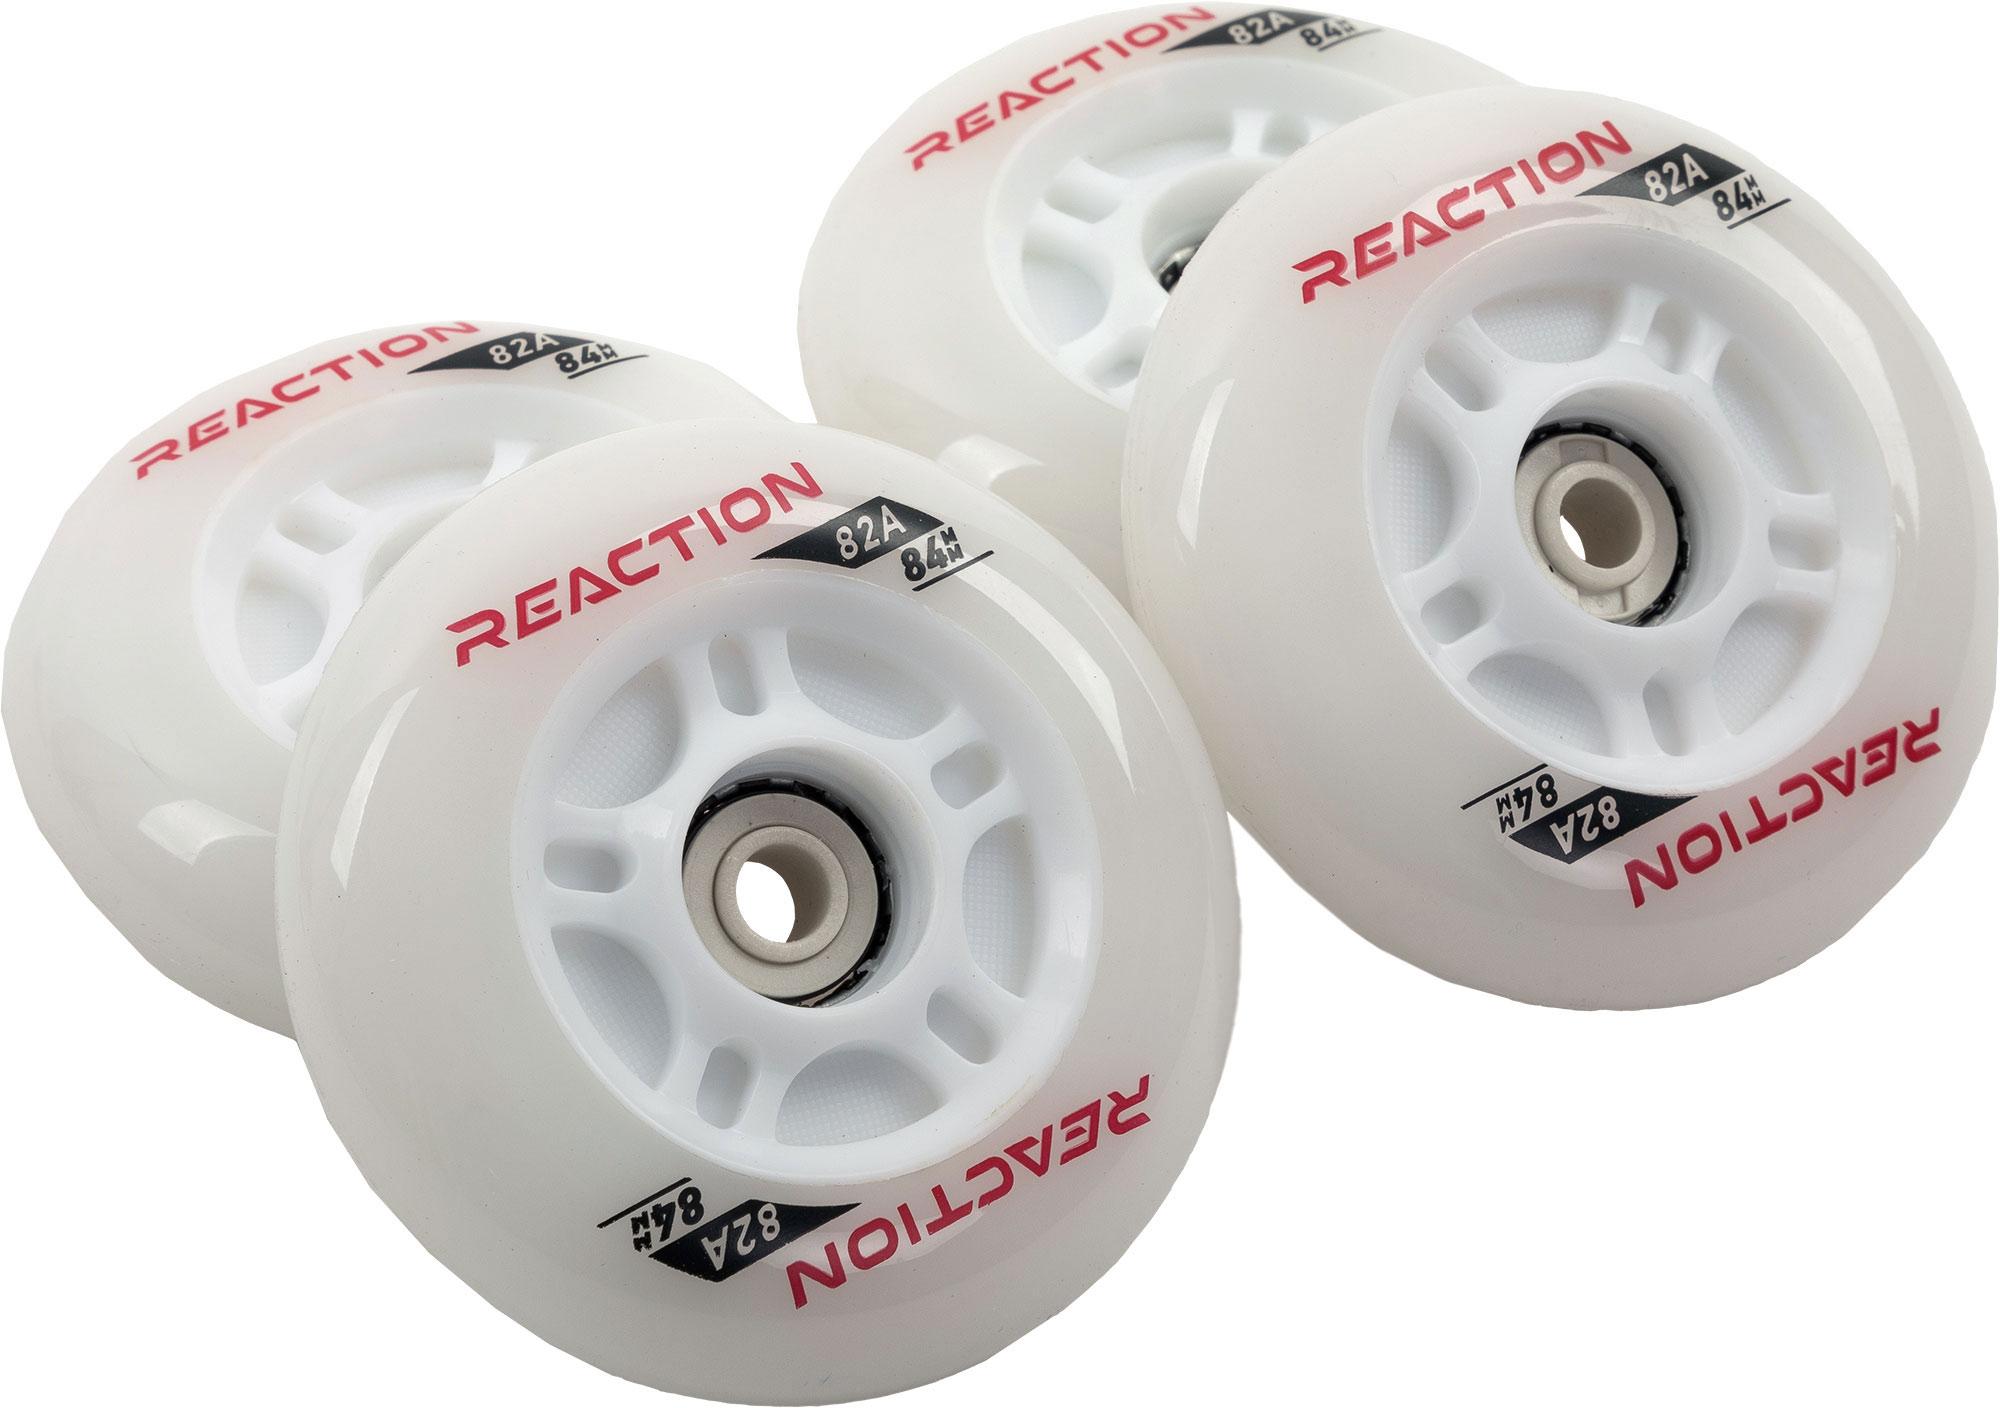 цена Reaction Набор колес для роликов REACTION 84 мм, 80А, 4 шт онлайн в 2017 году